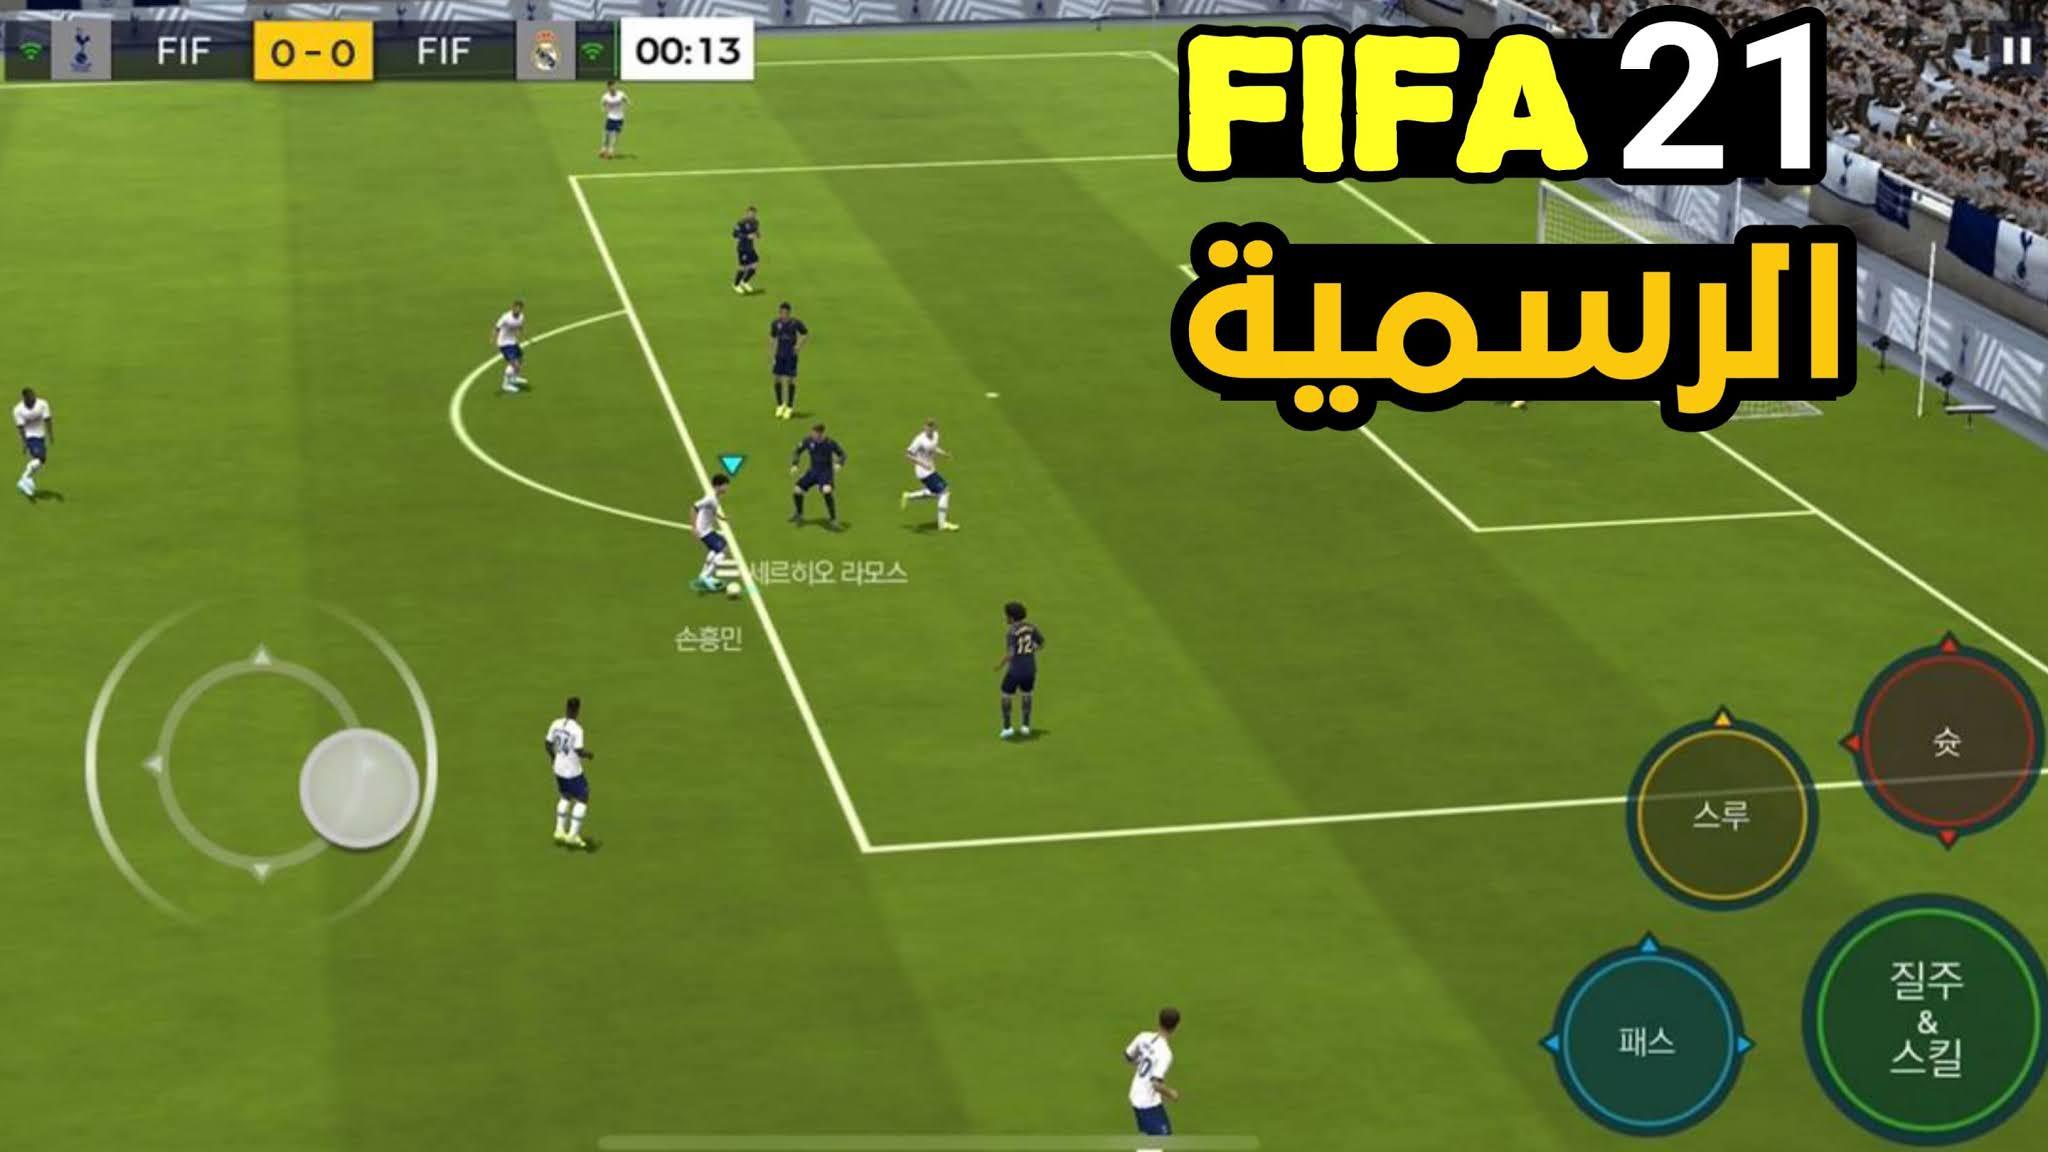 تحميل لعبة فيفا 21 FIFA للجهاز الأندرويد من شركة Tencent Games